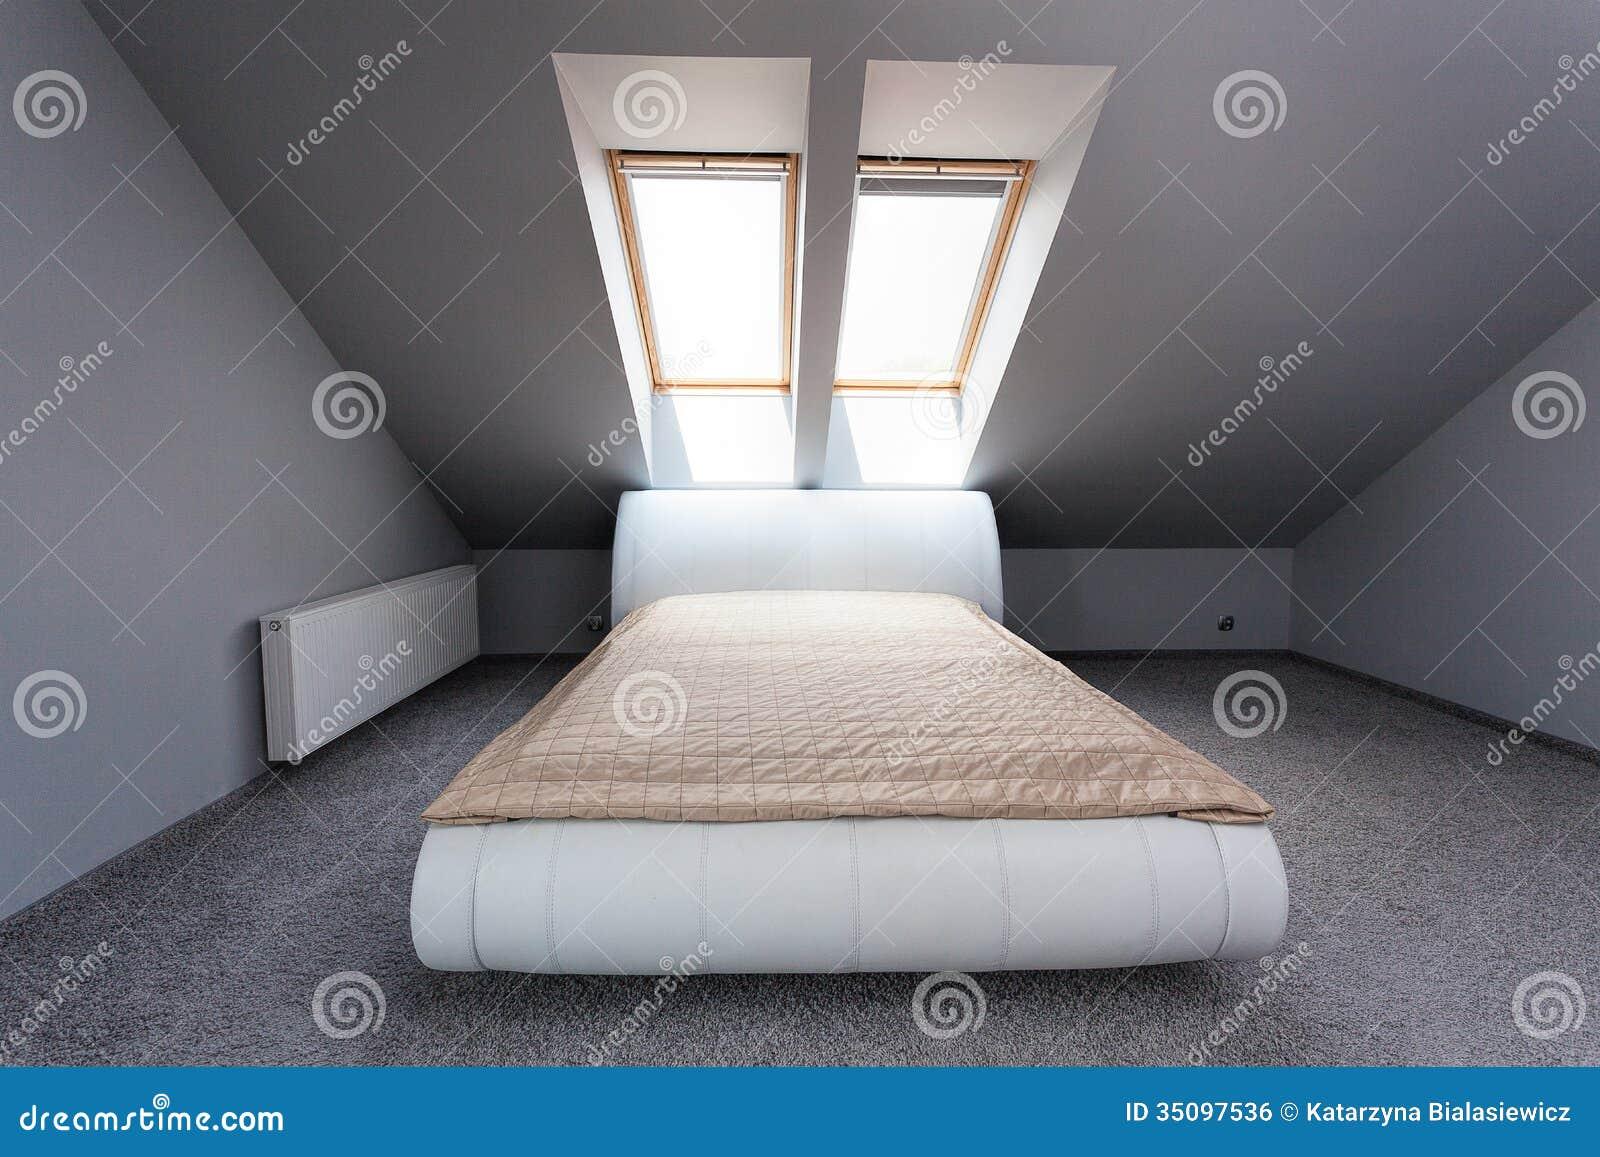 Appartamento urbano camera da letto della soffitta immagine stock libera da diritti immagine - Deco brandweerman slaapkamer ...